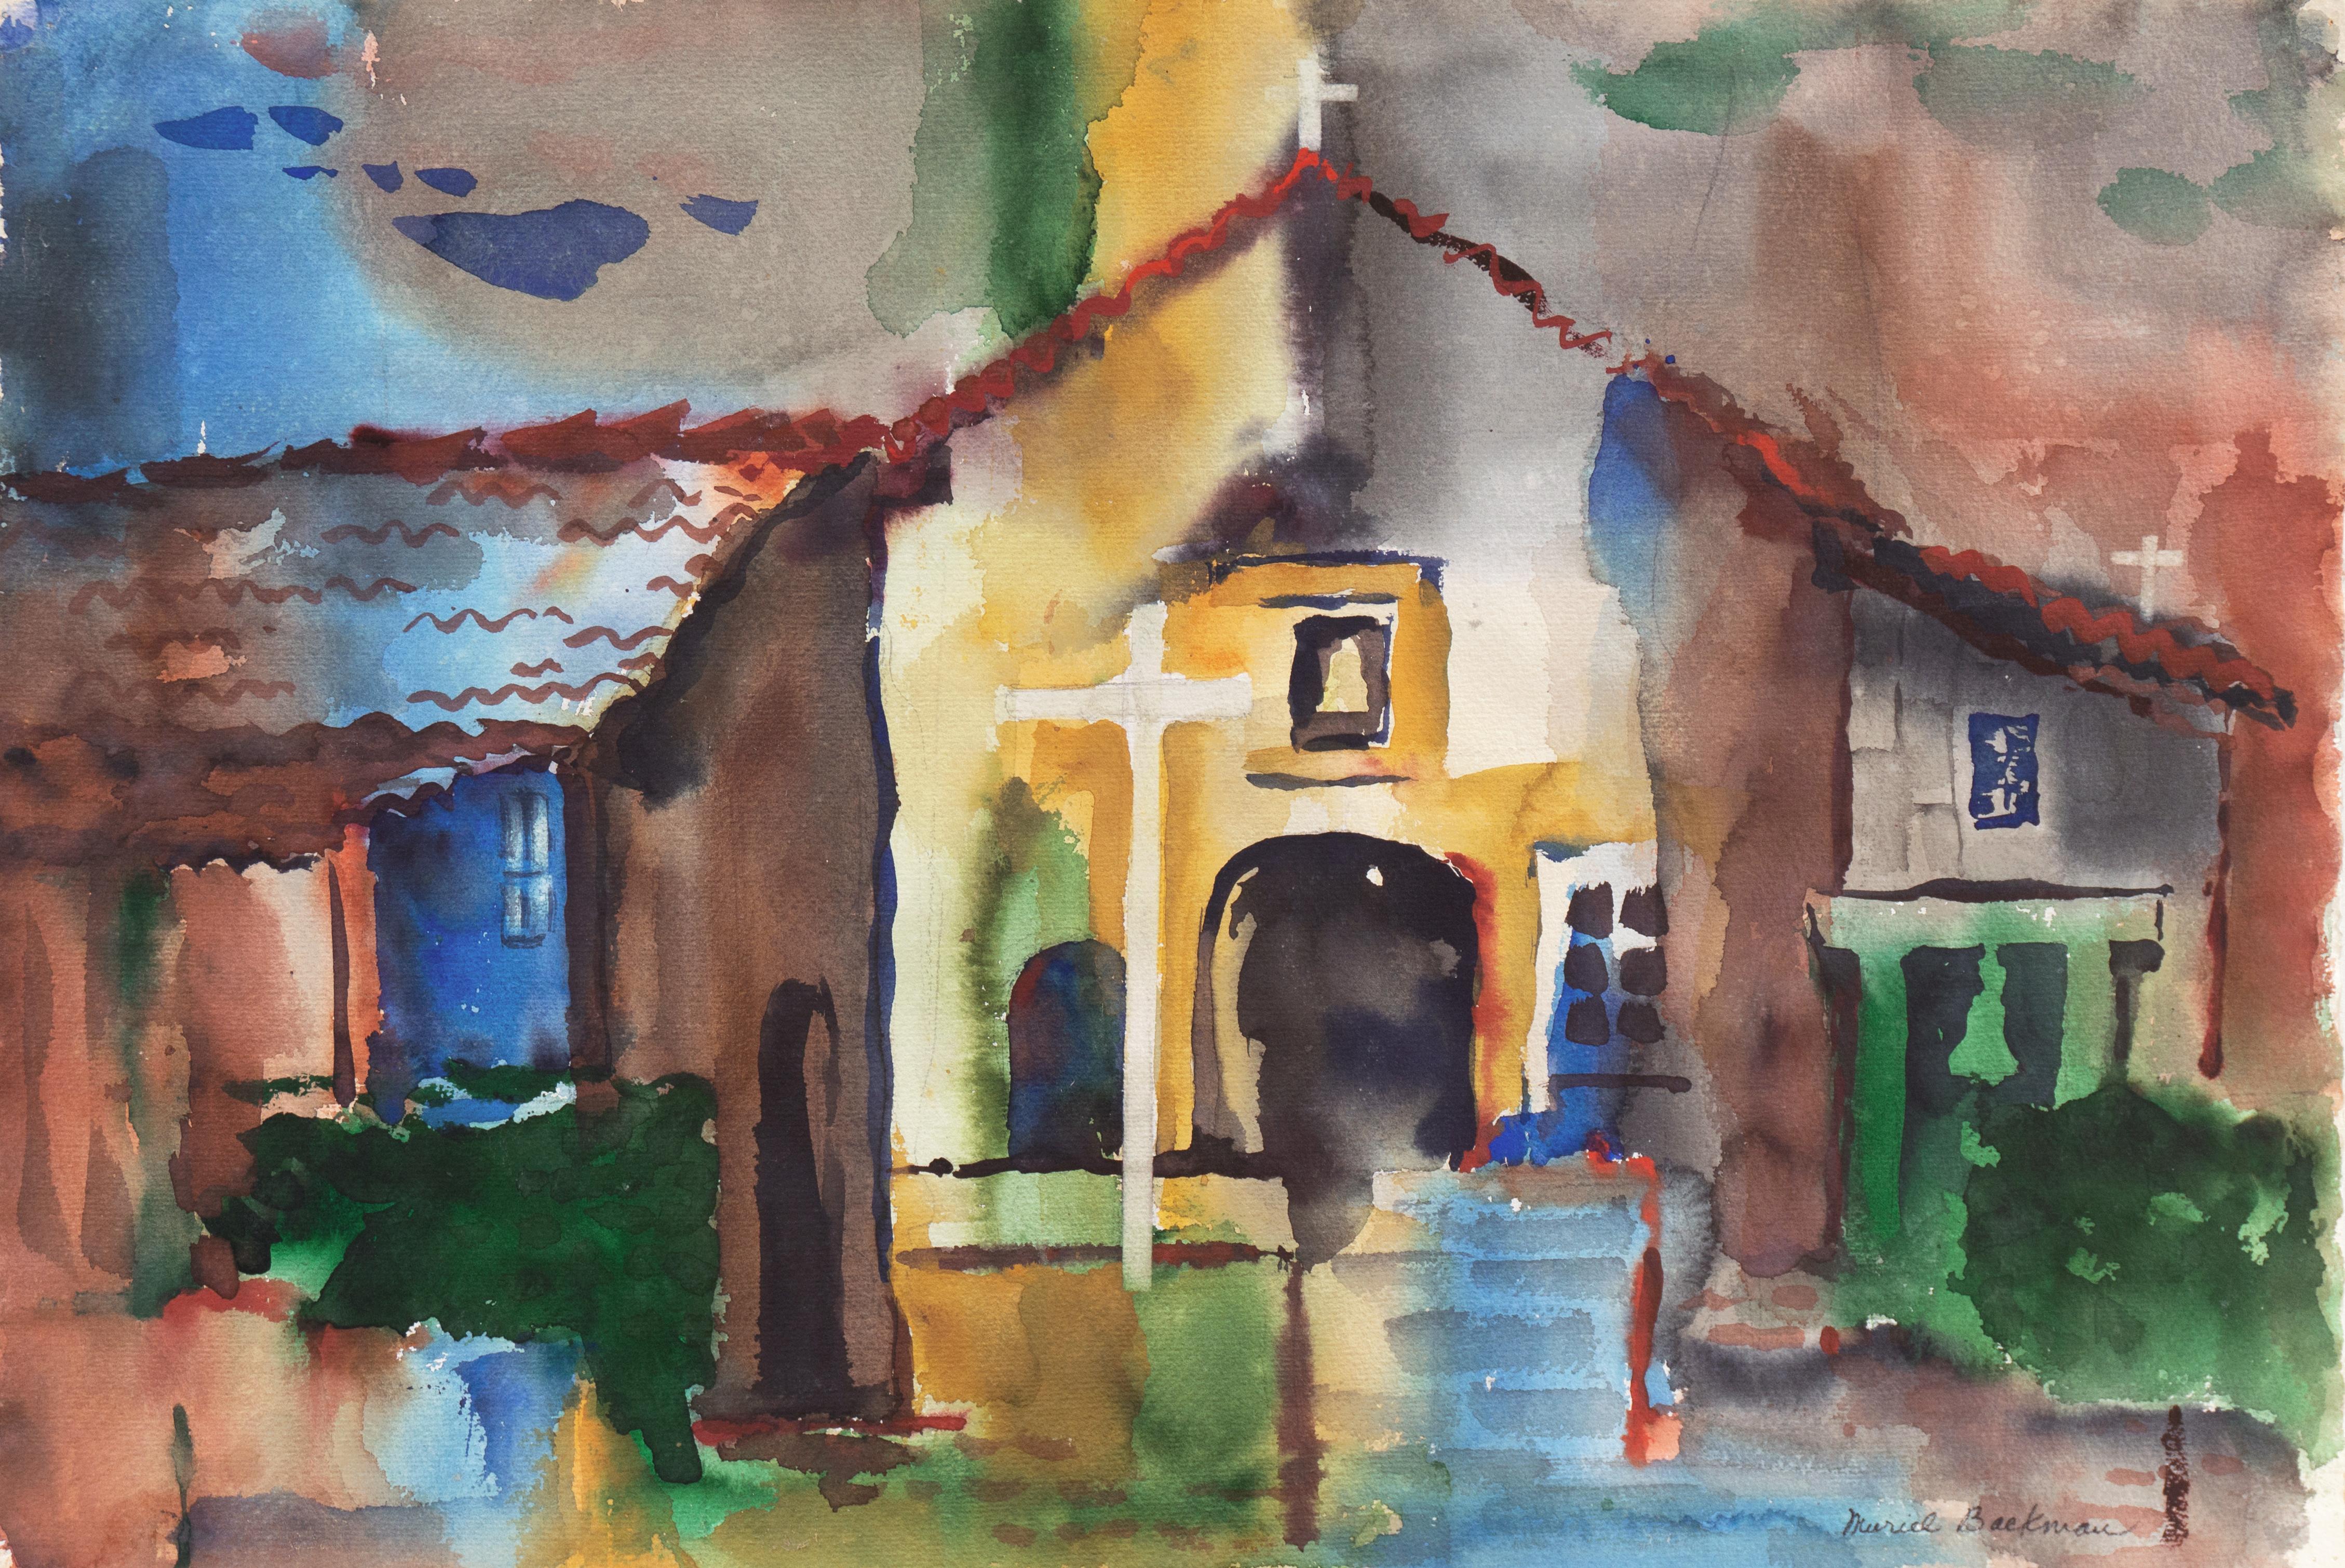 'View of the Mission, San Juan Bautista', Crocker Art Museum, Santa Cruz